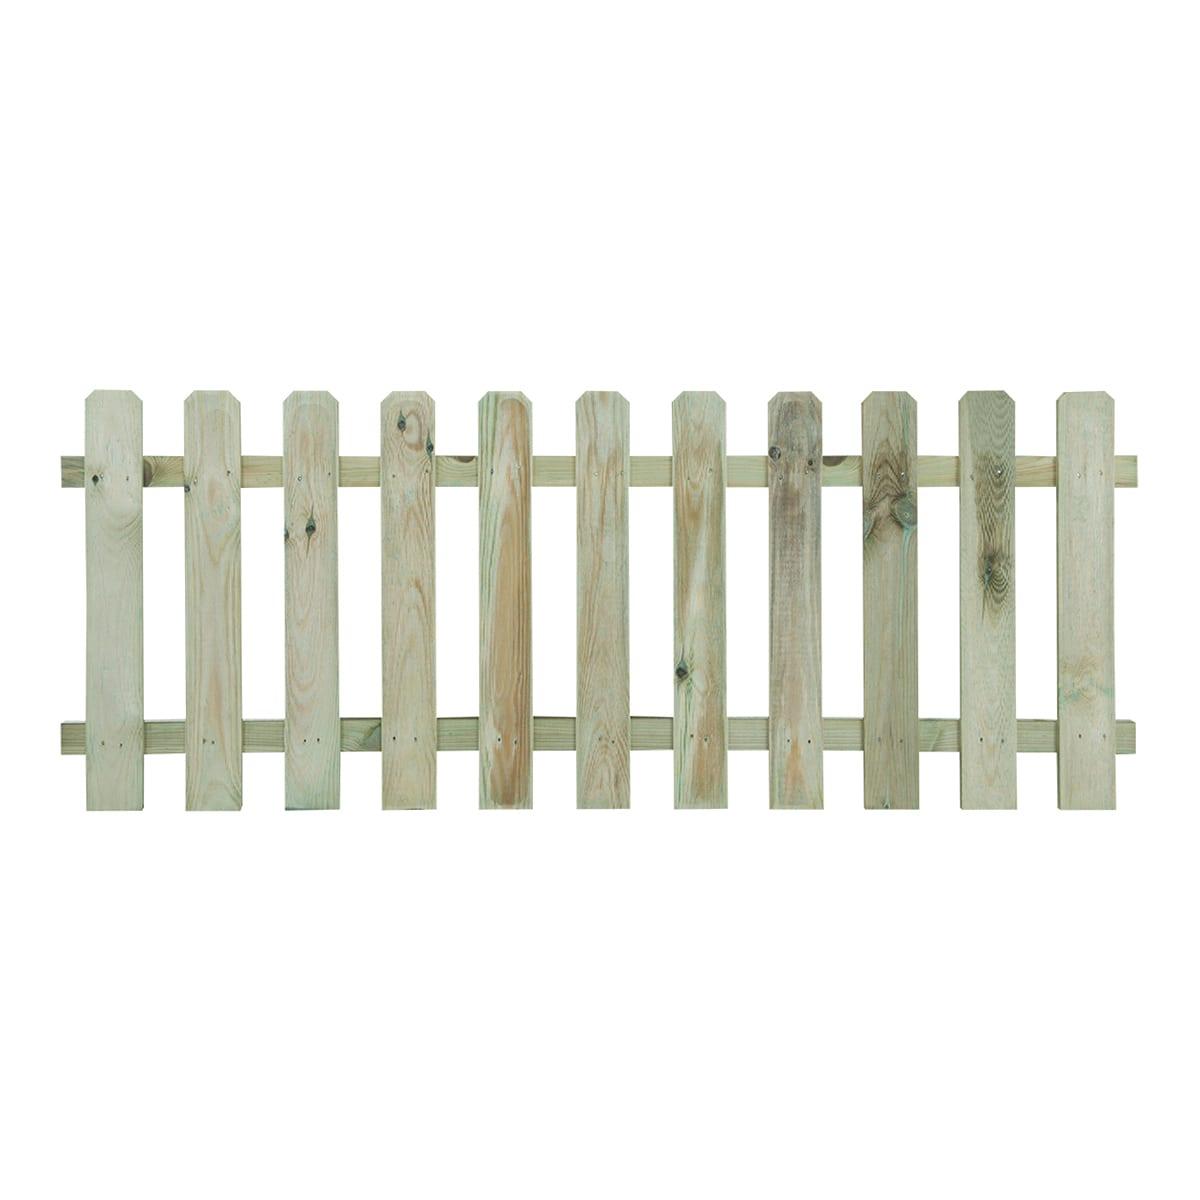 Staccionata Bianca In Legno recinzione dritta in legno l 180 x h 70 x p 4.6 cm